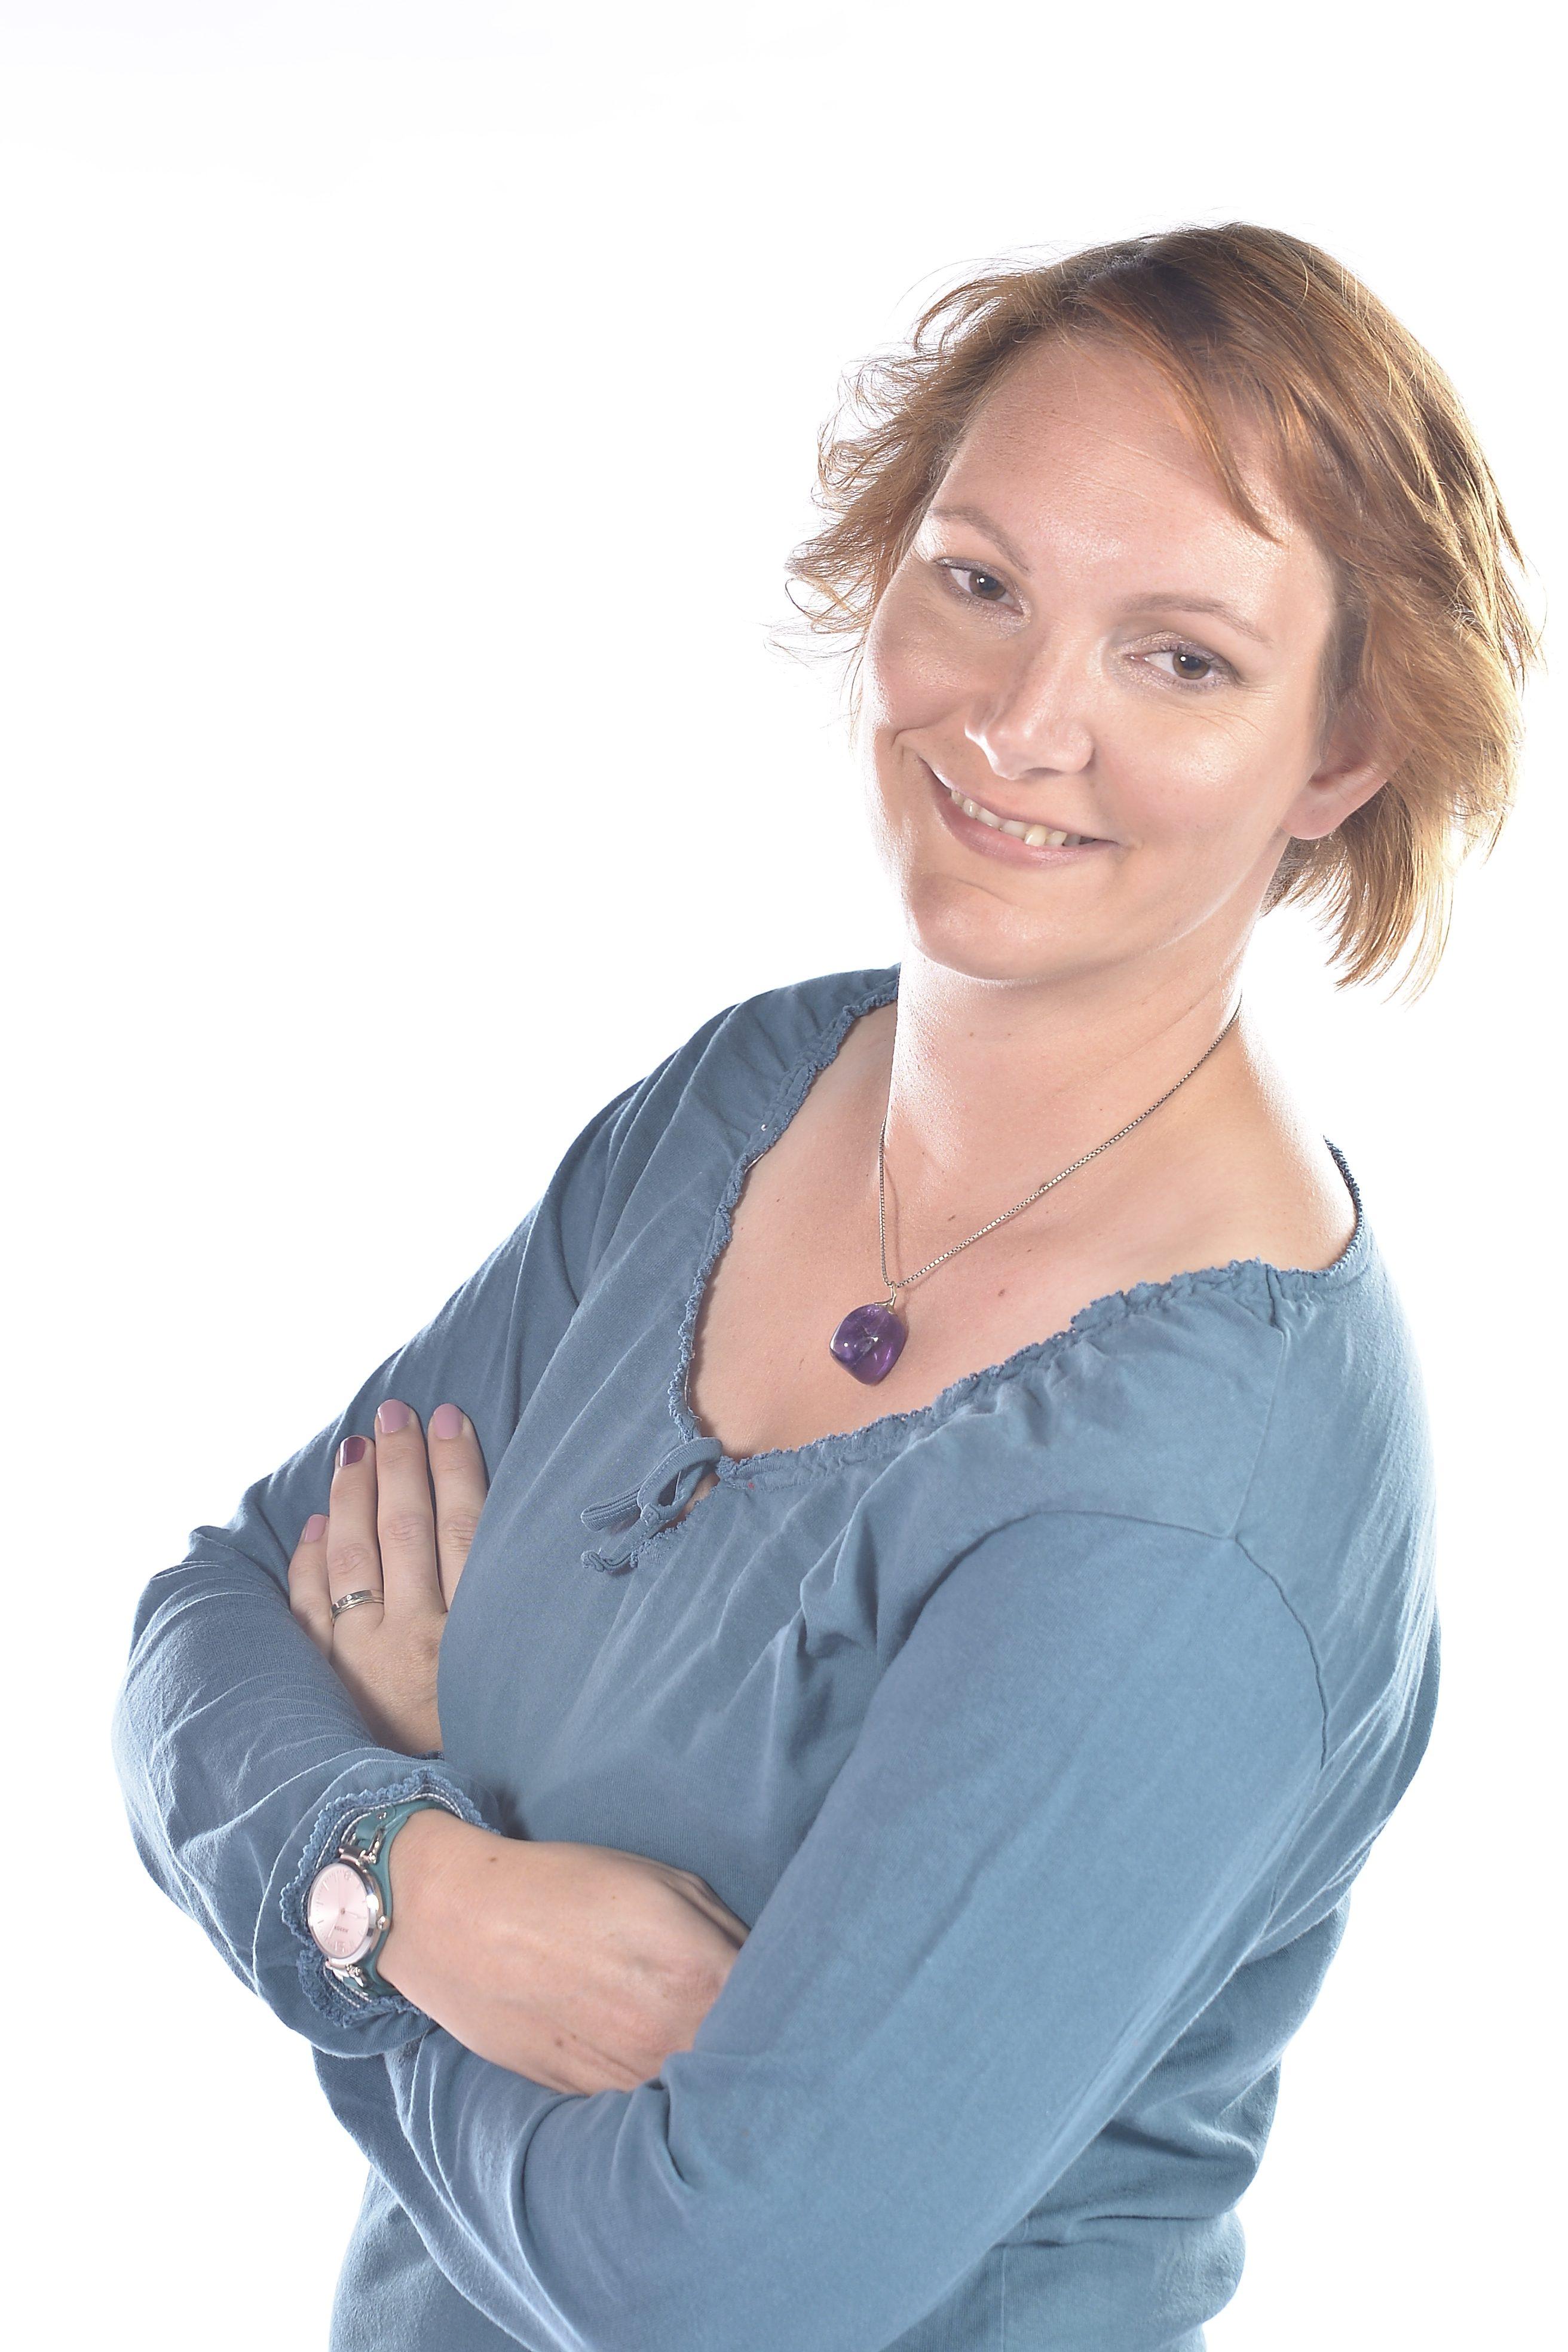 Laura Beekhuizen